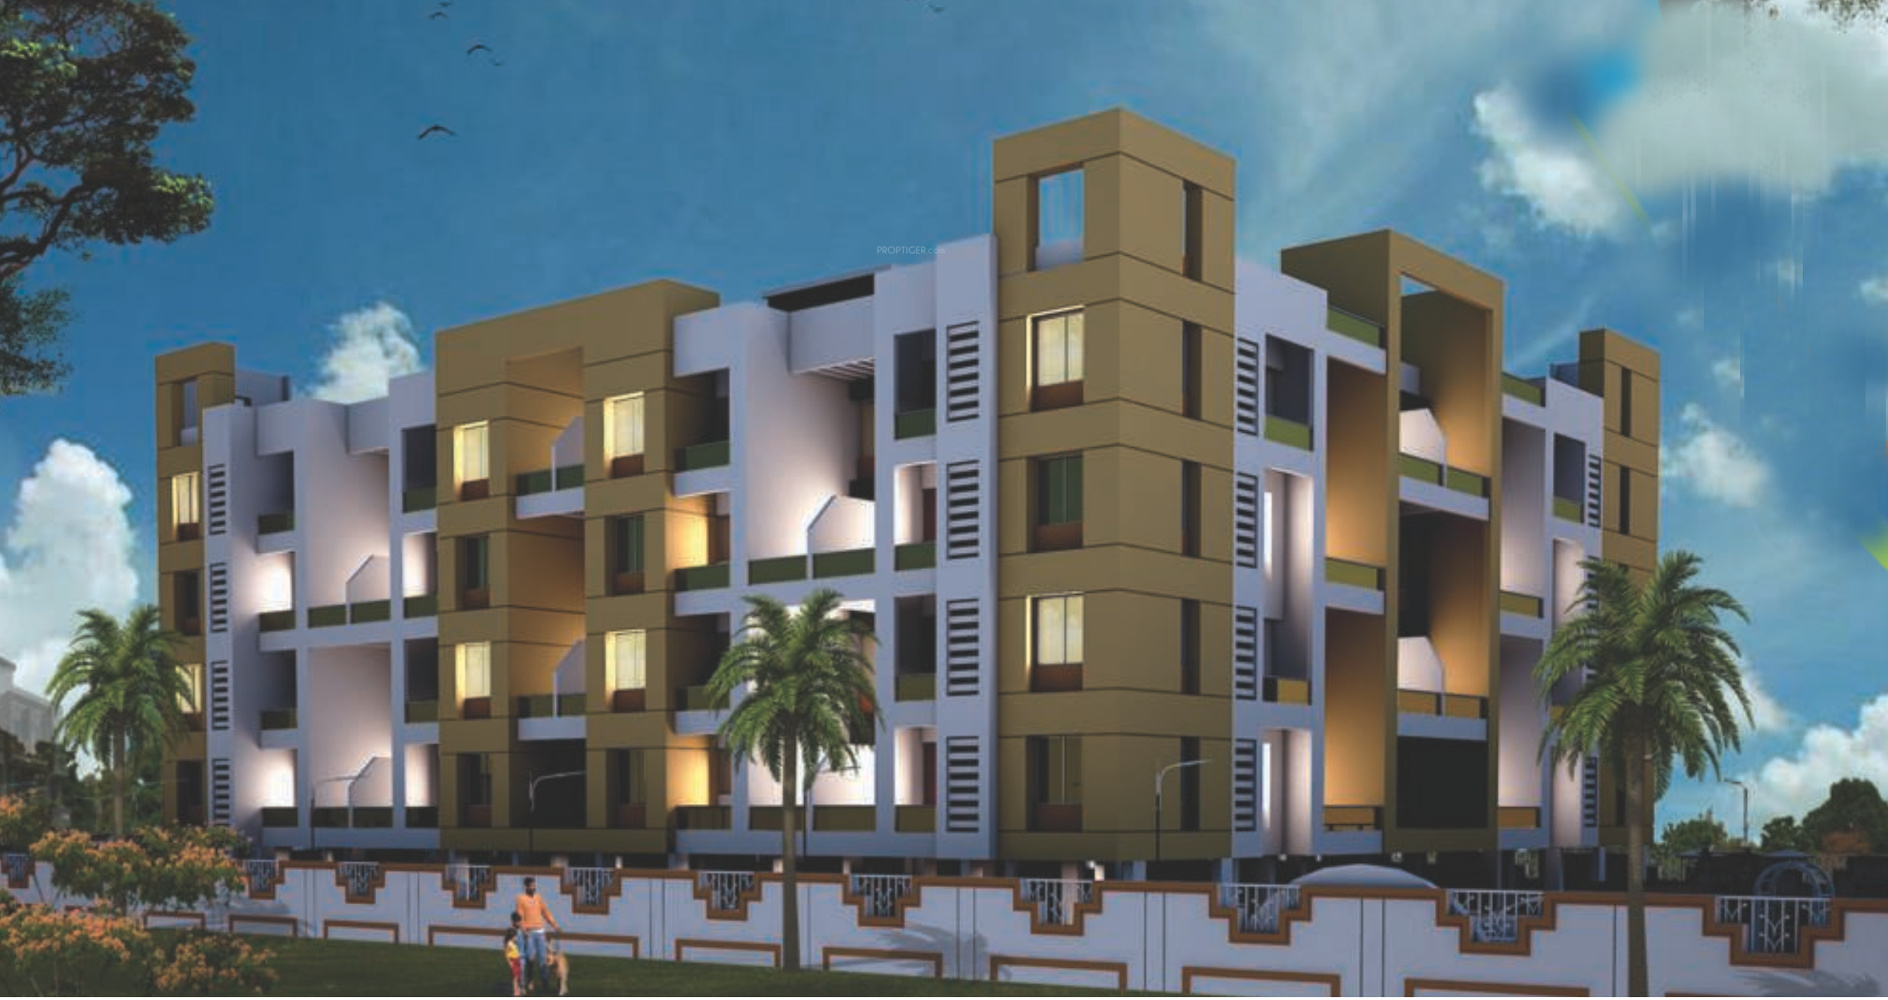 Pratham Yash Residency Phase 3 In Lohegaon Pune Price